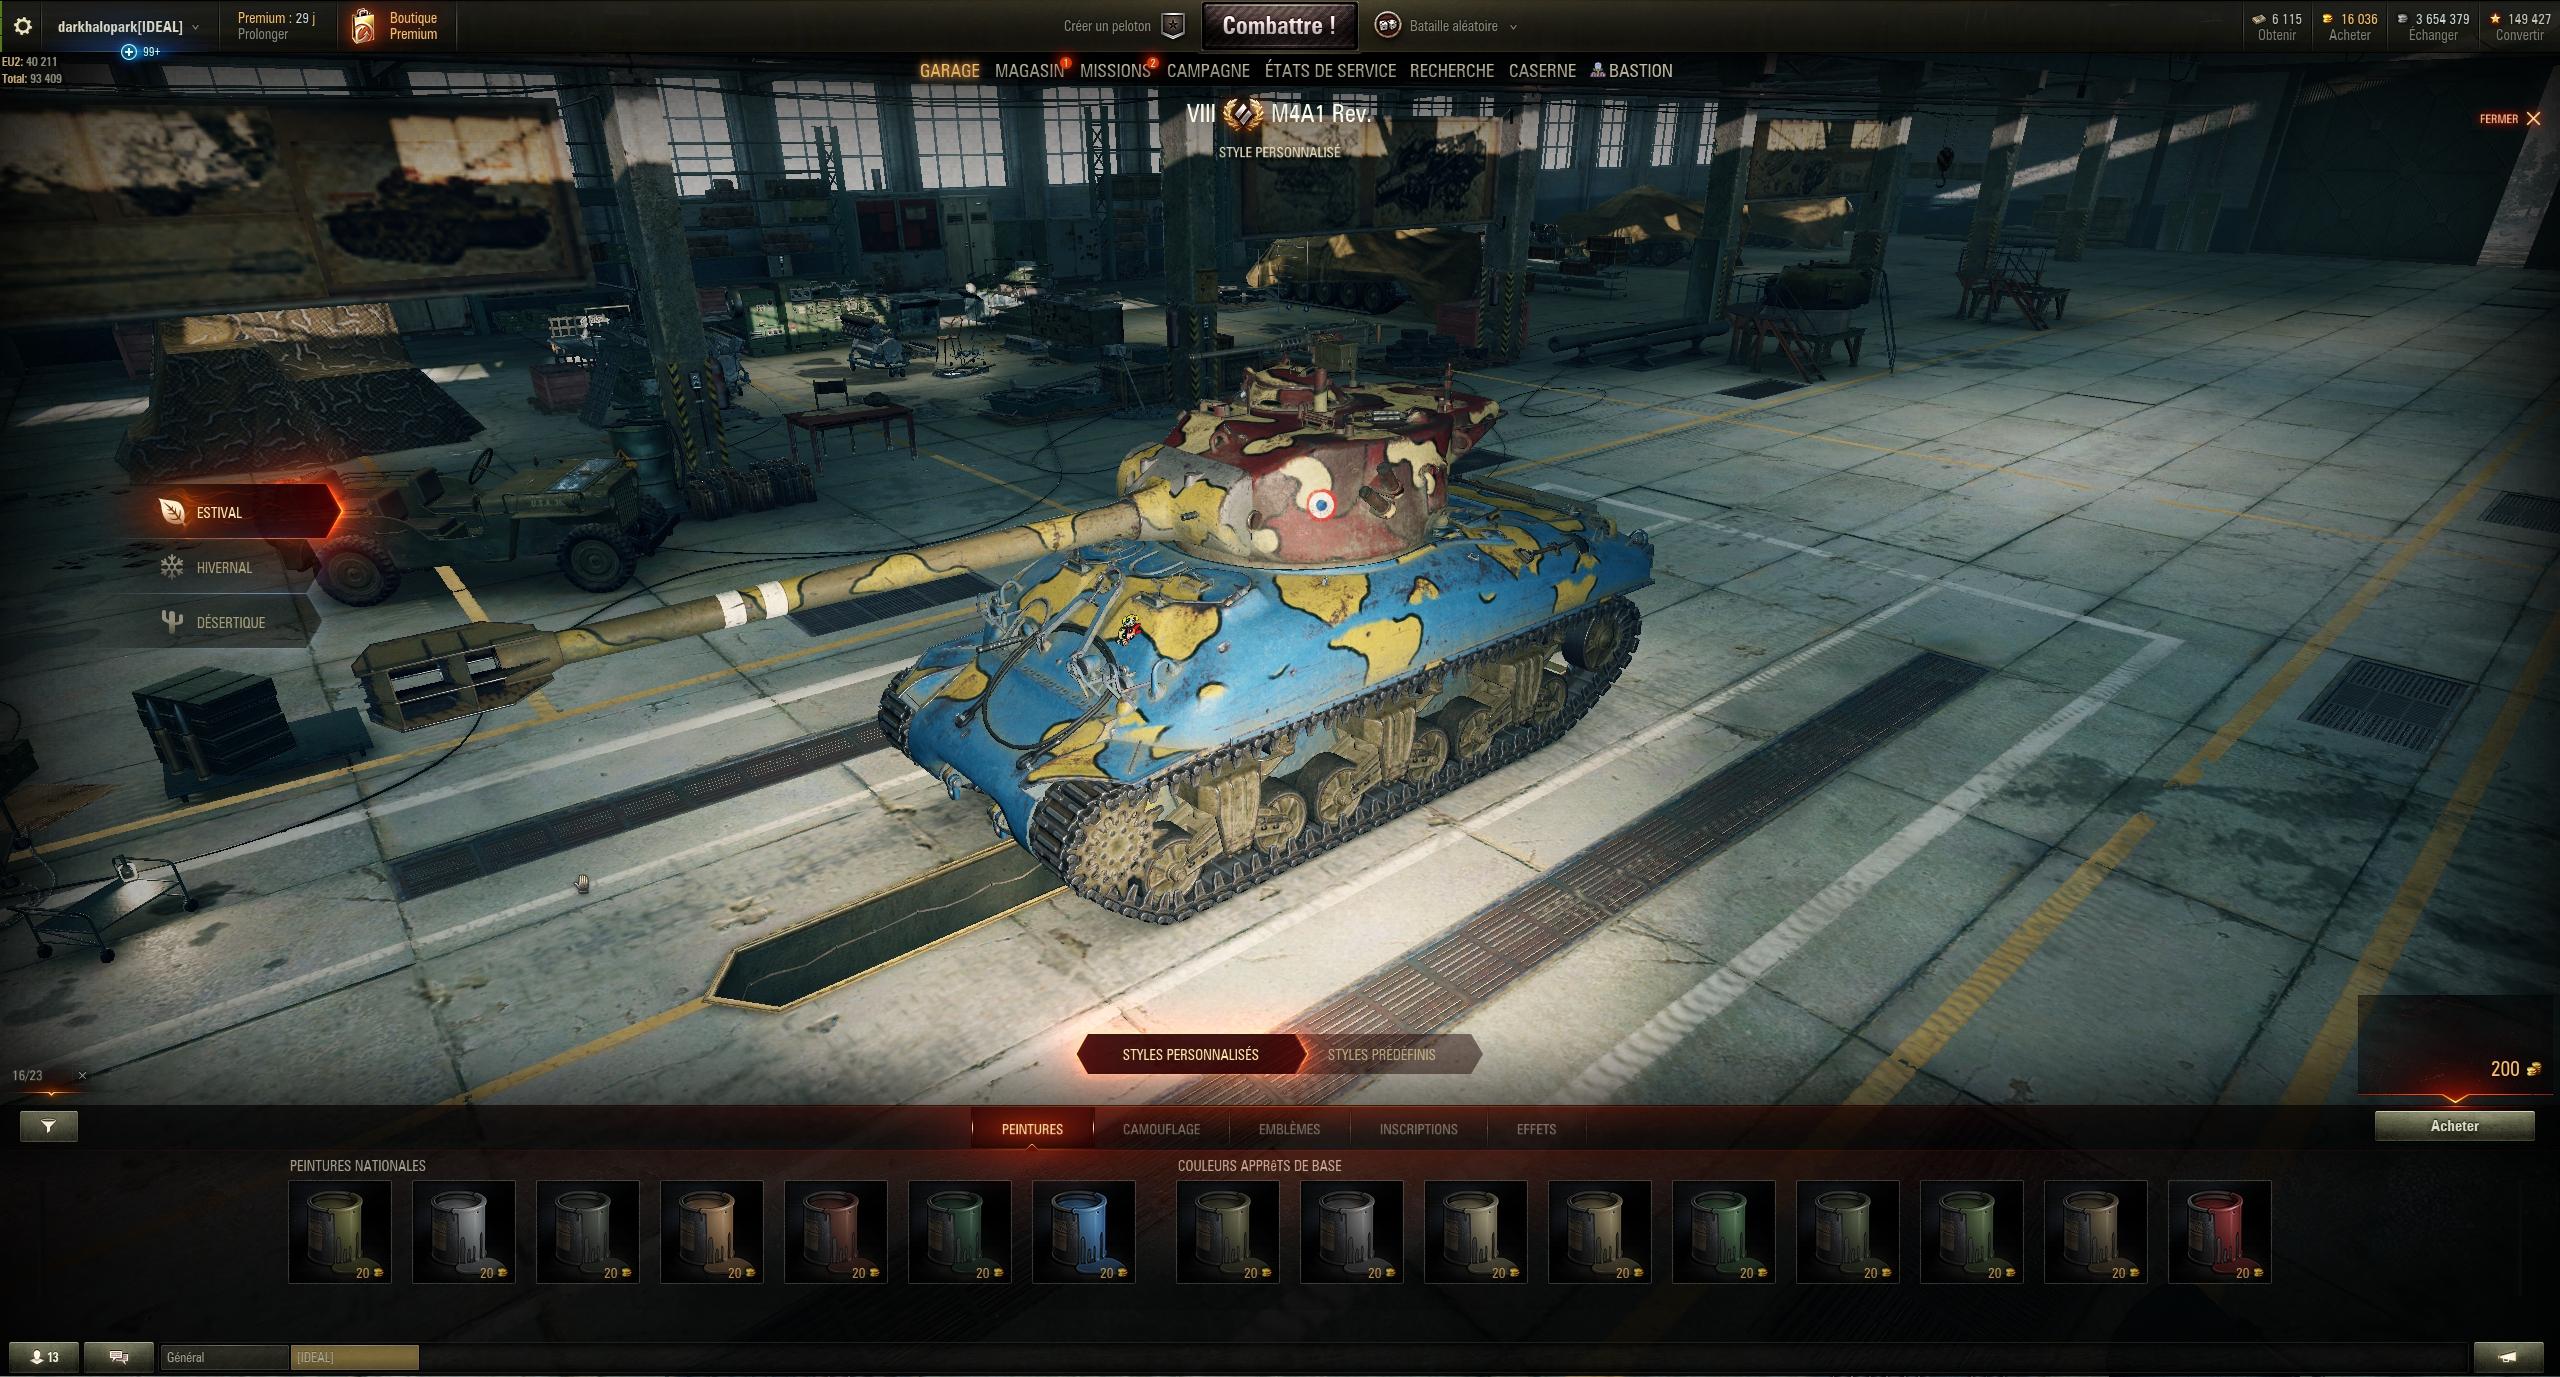 Cliquez maintenant pour jouer à The Tank World. Profitez des meilleurs jeux similaires à The Tank World.